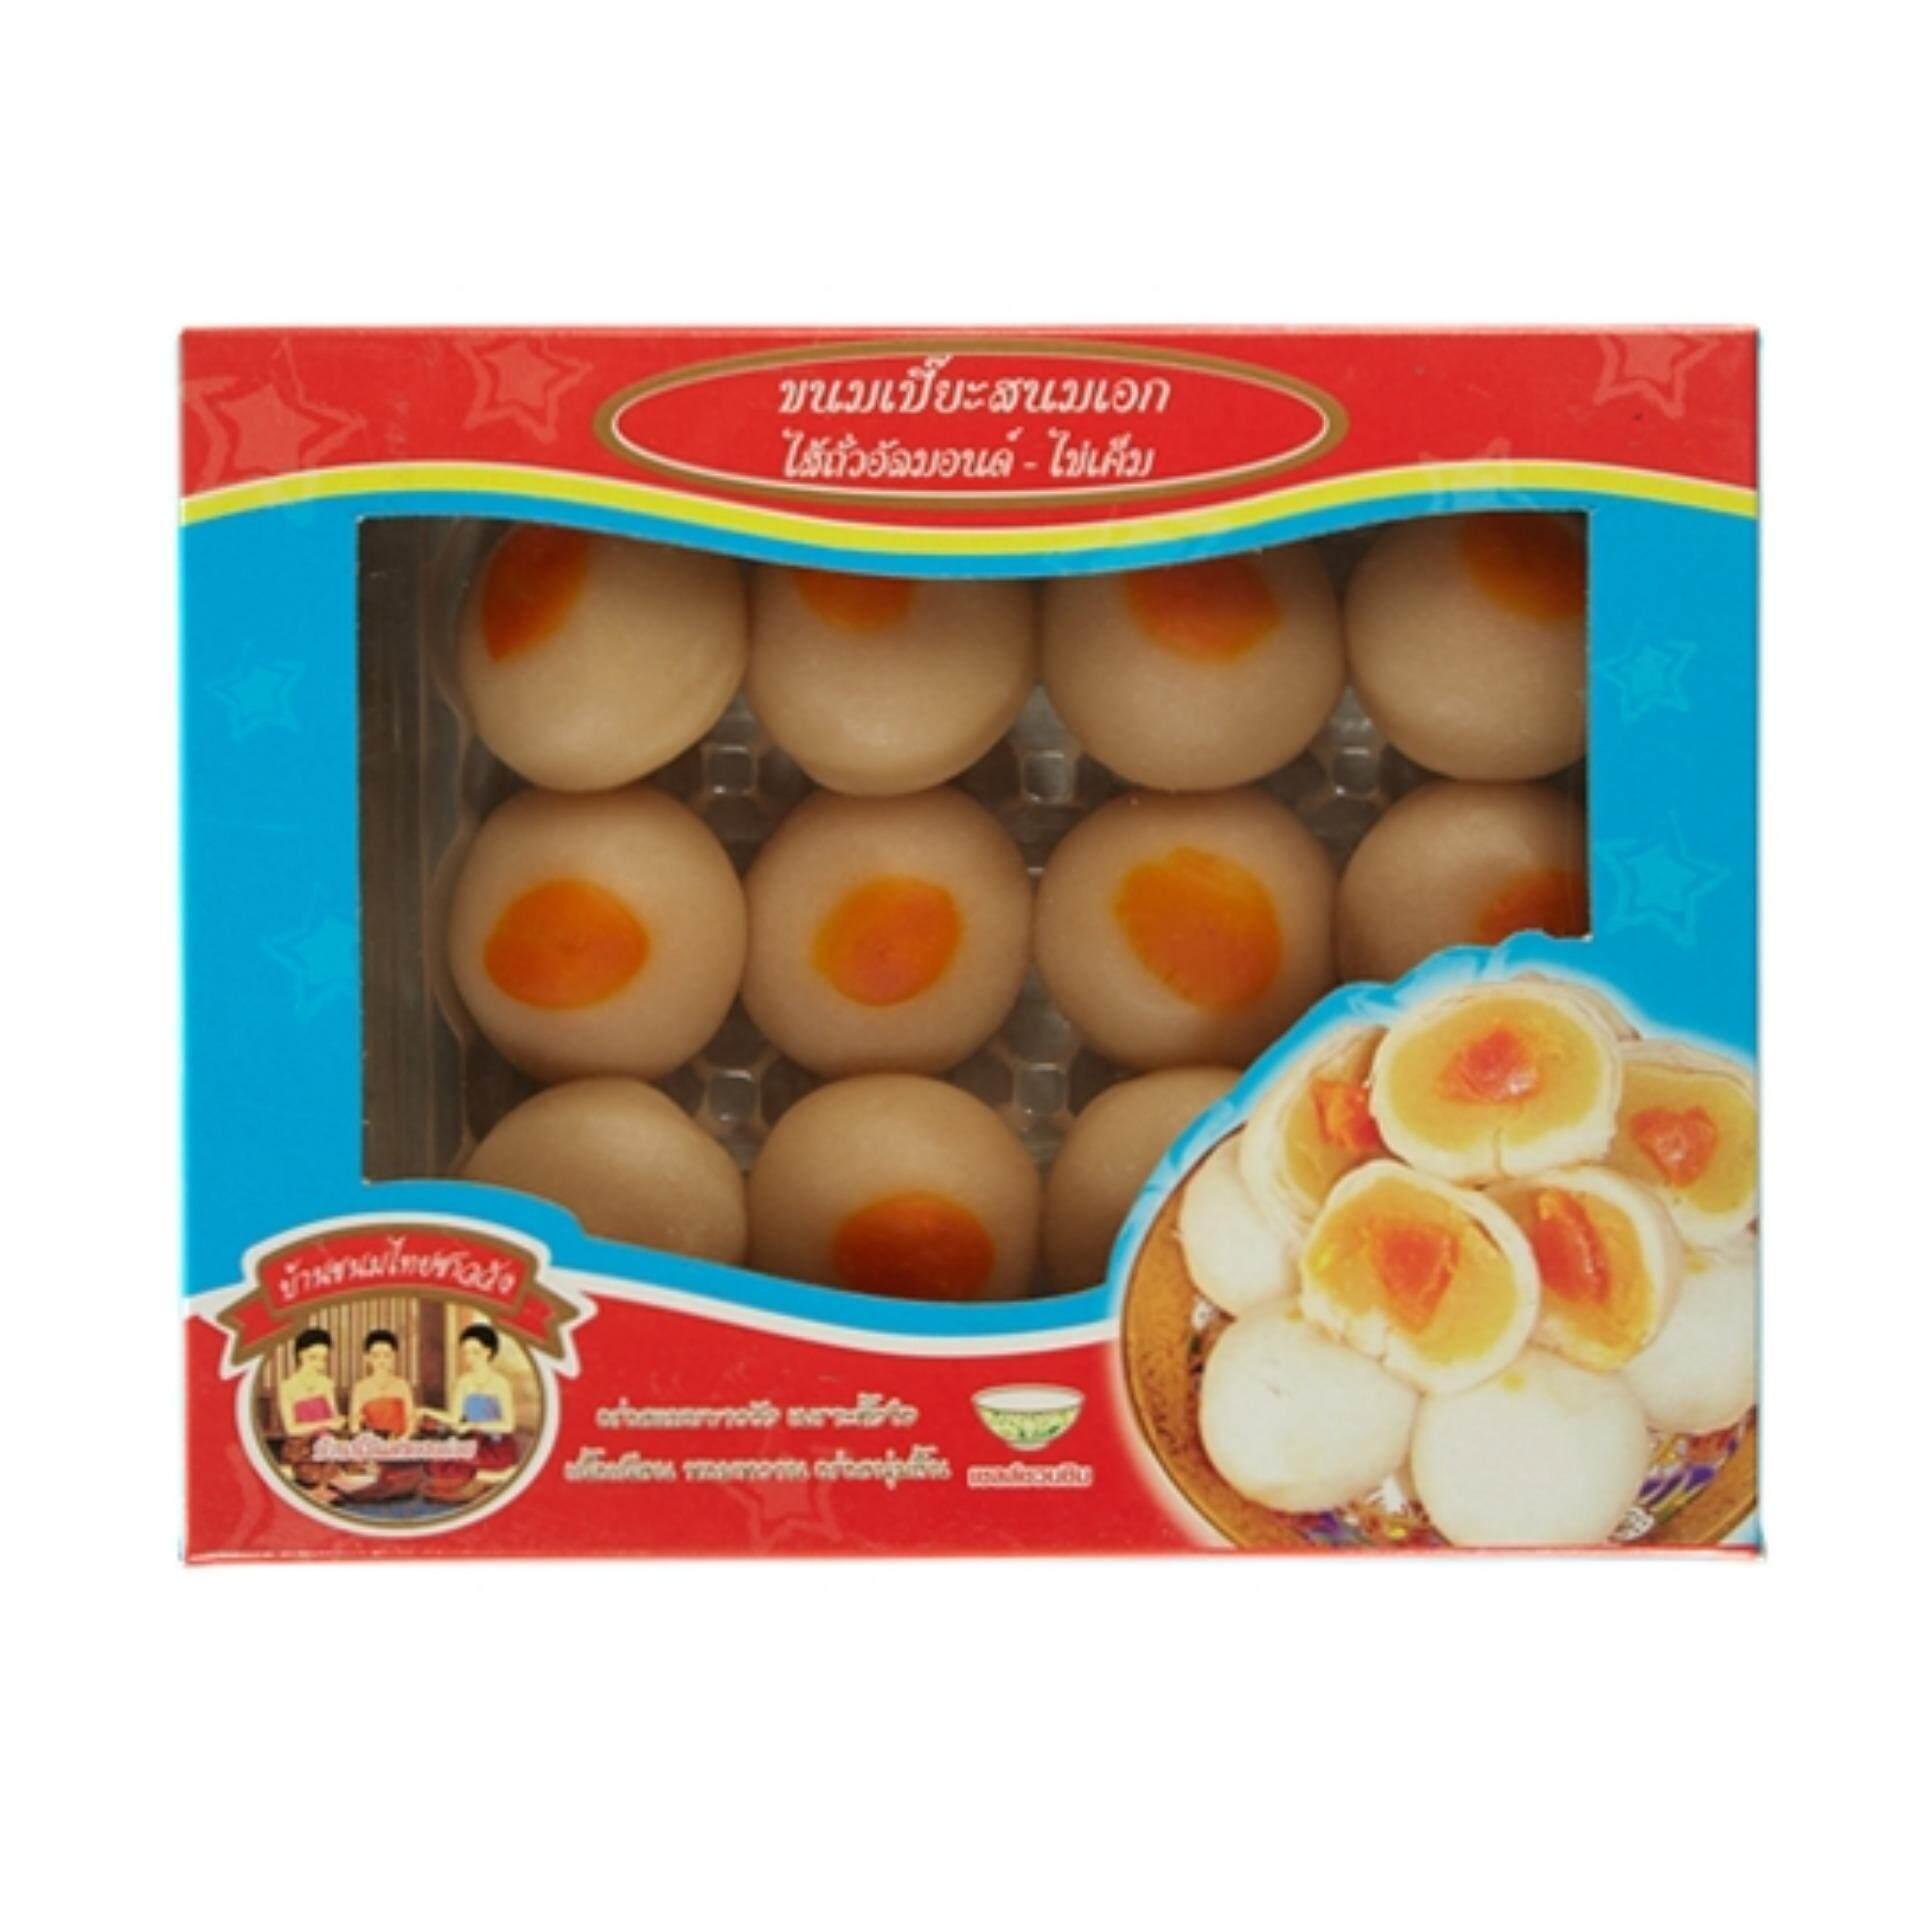 ขนมเปี๊ยะสนมเอก ไส้ถั่วอัลมอนด์-ไข่เค็ม